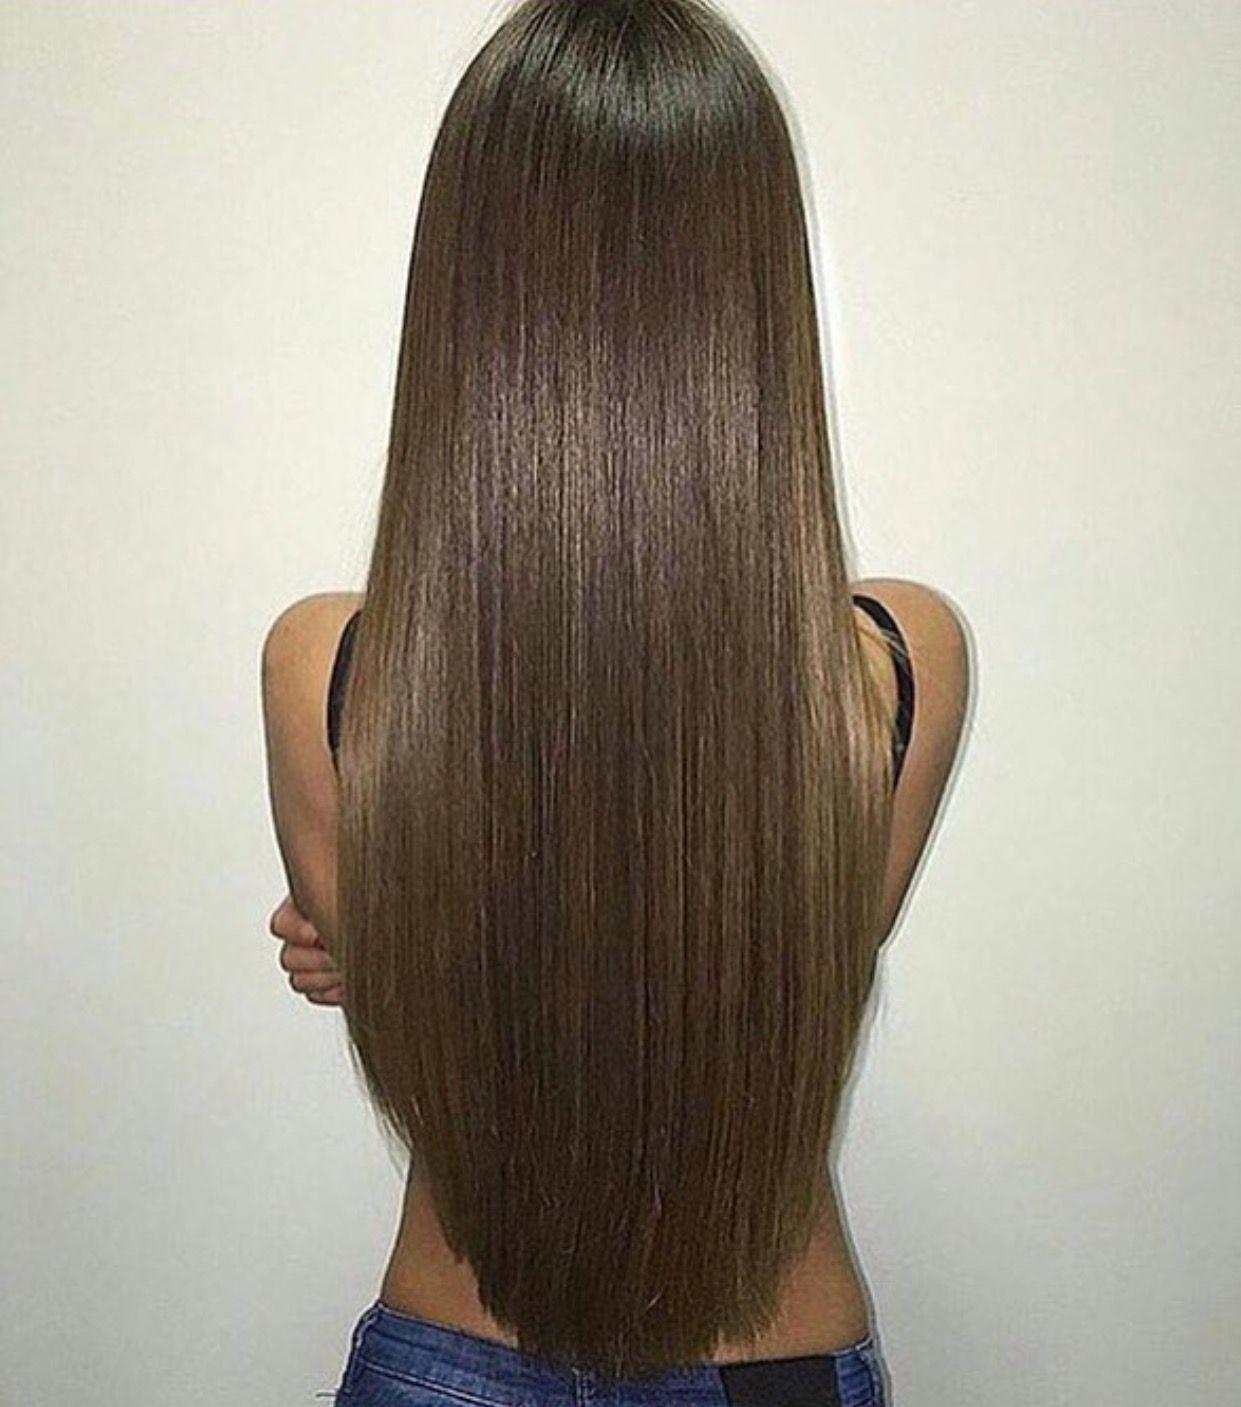 виды растений фото длинных волос со спины михайлов один популярных